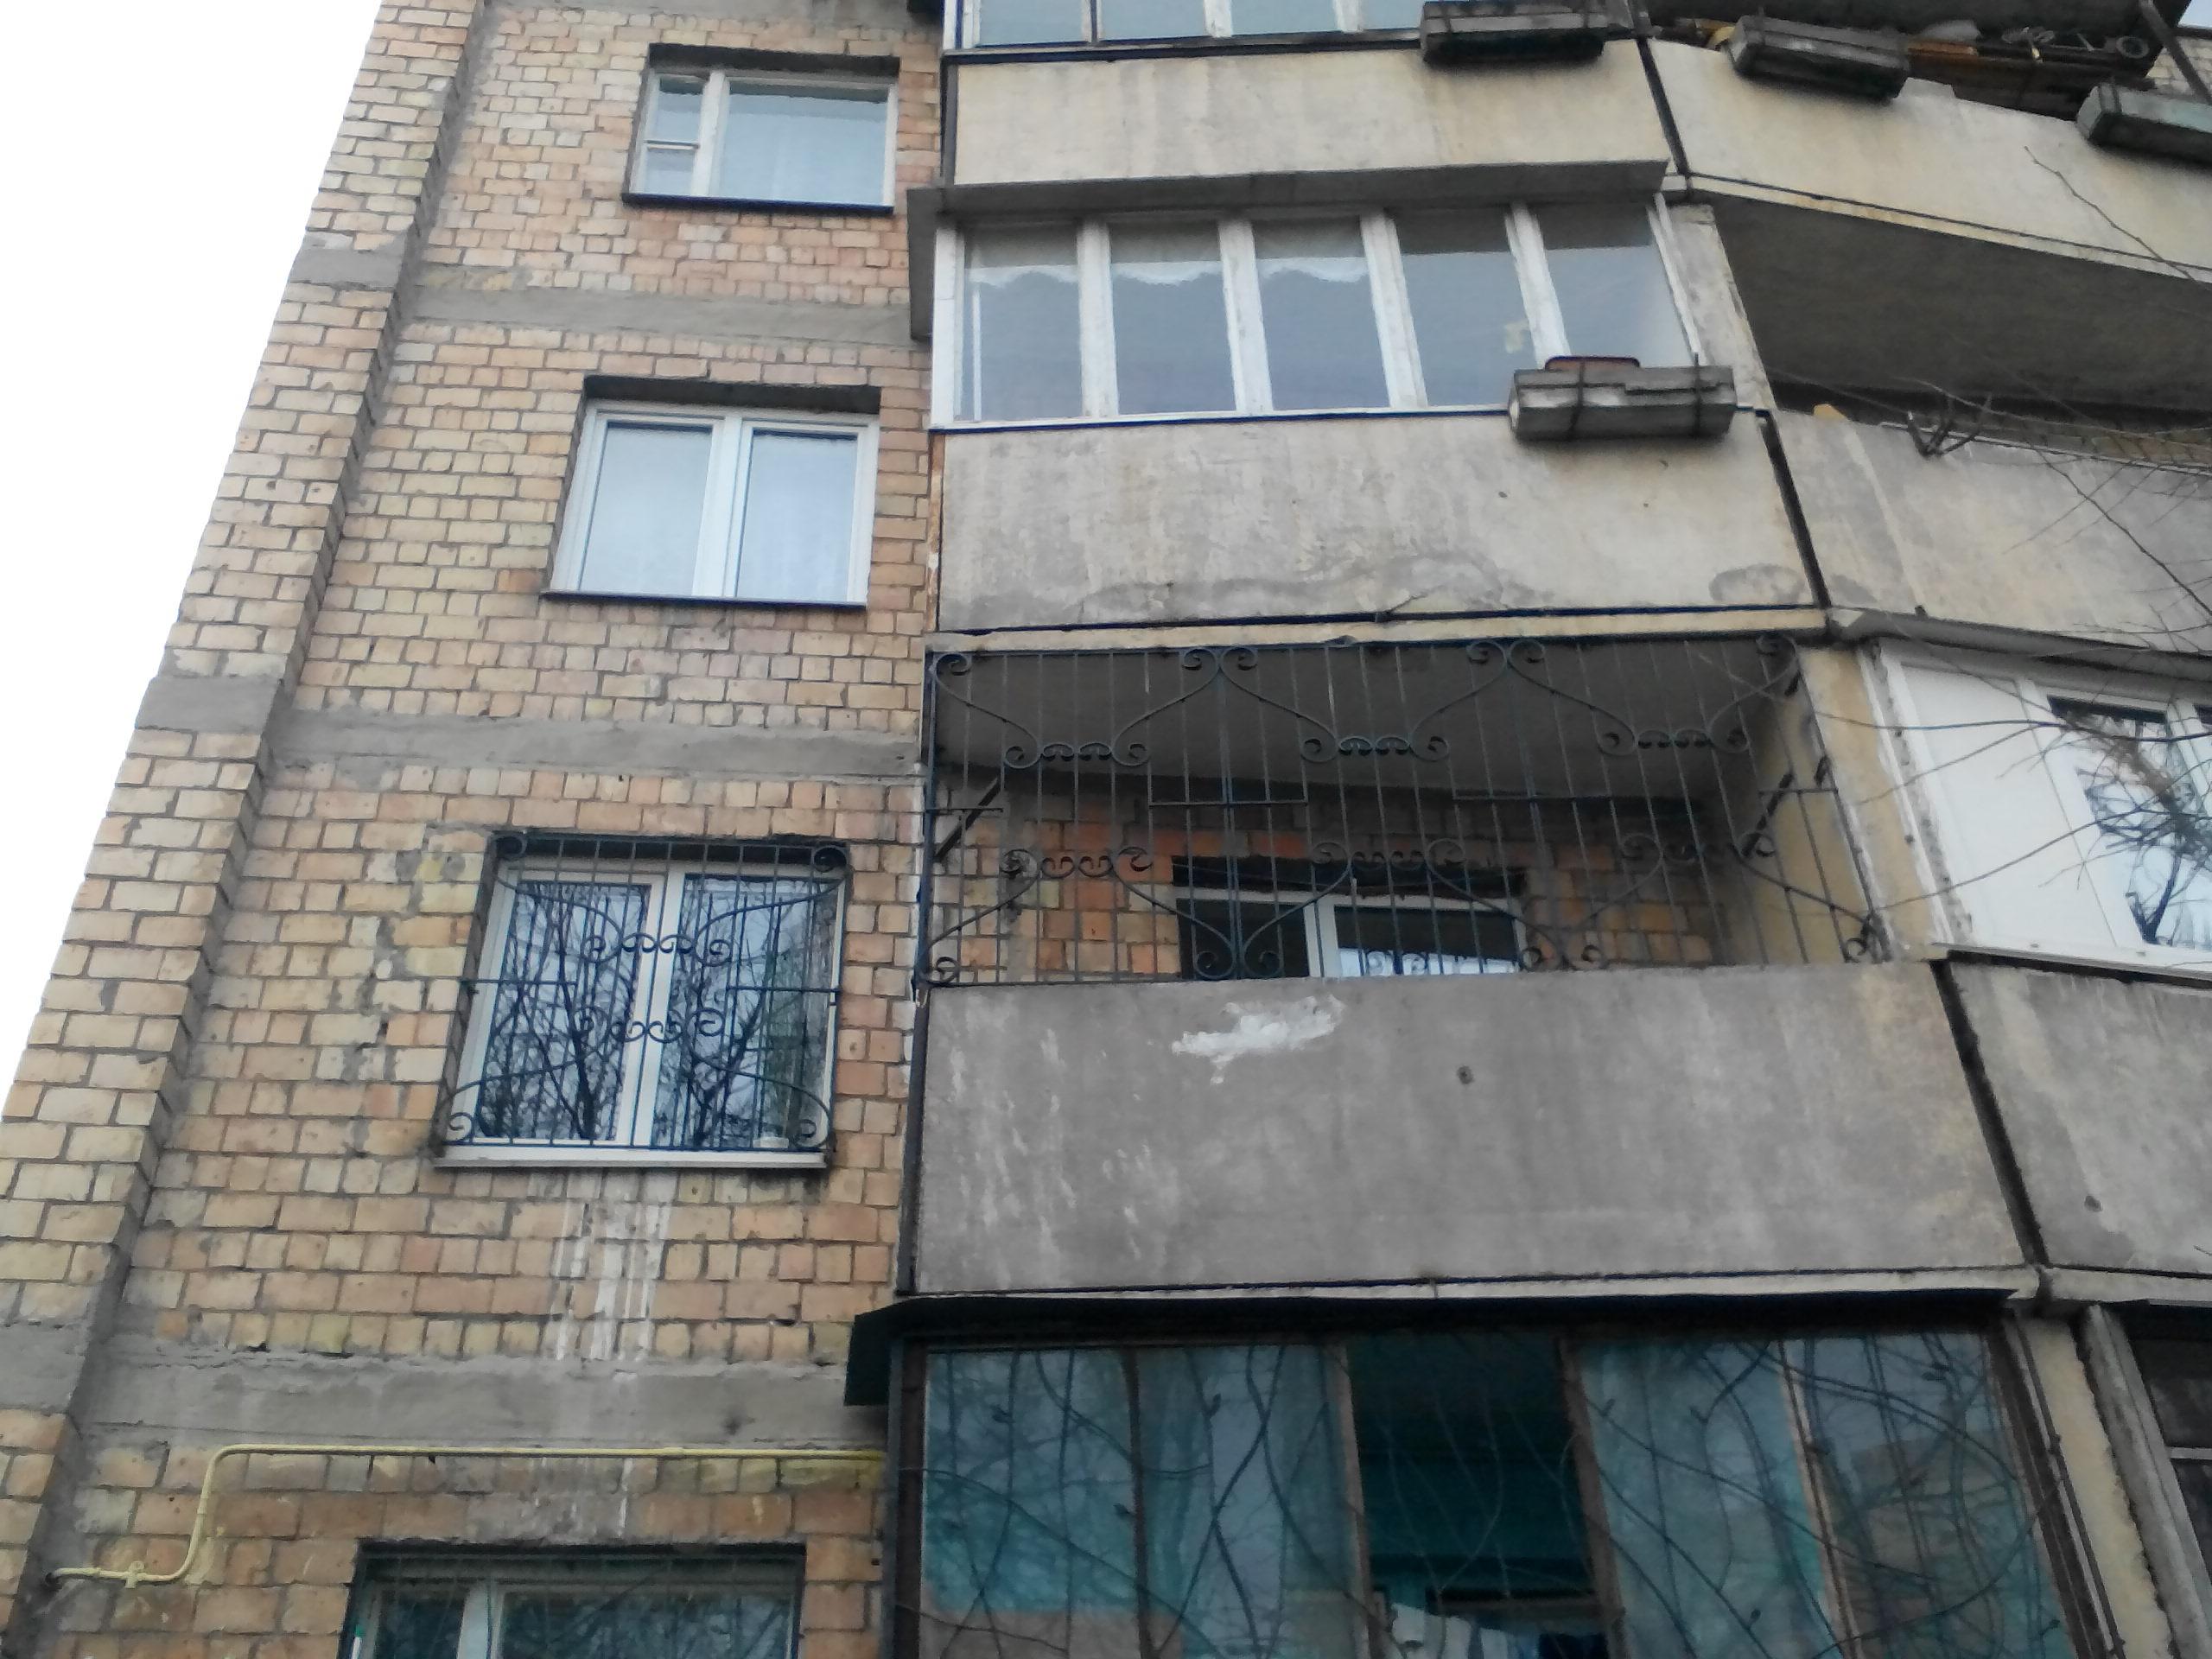 решетки на окна киев, купить решетки на окна киев недорого, киев решетки купить